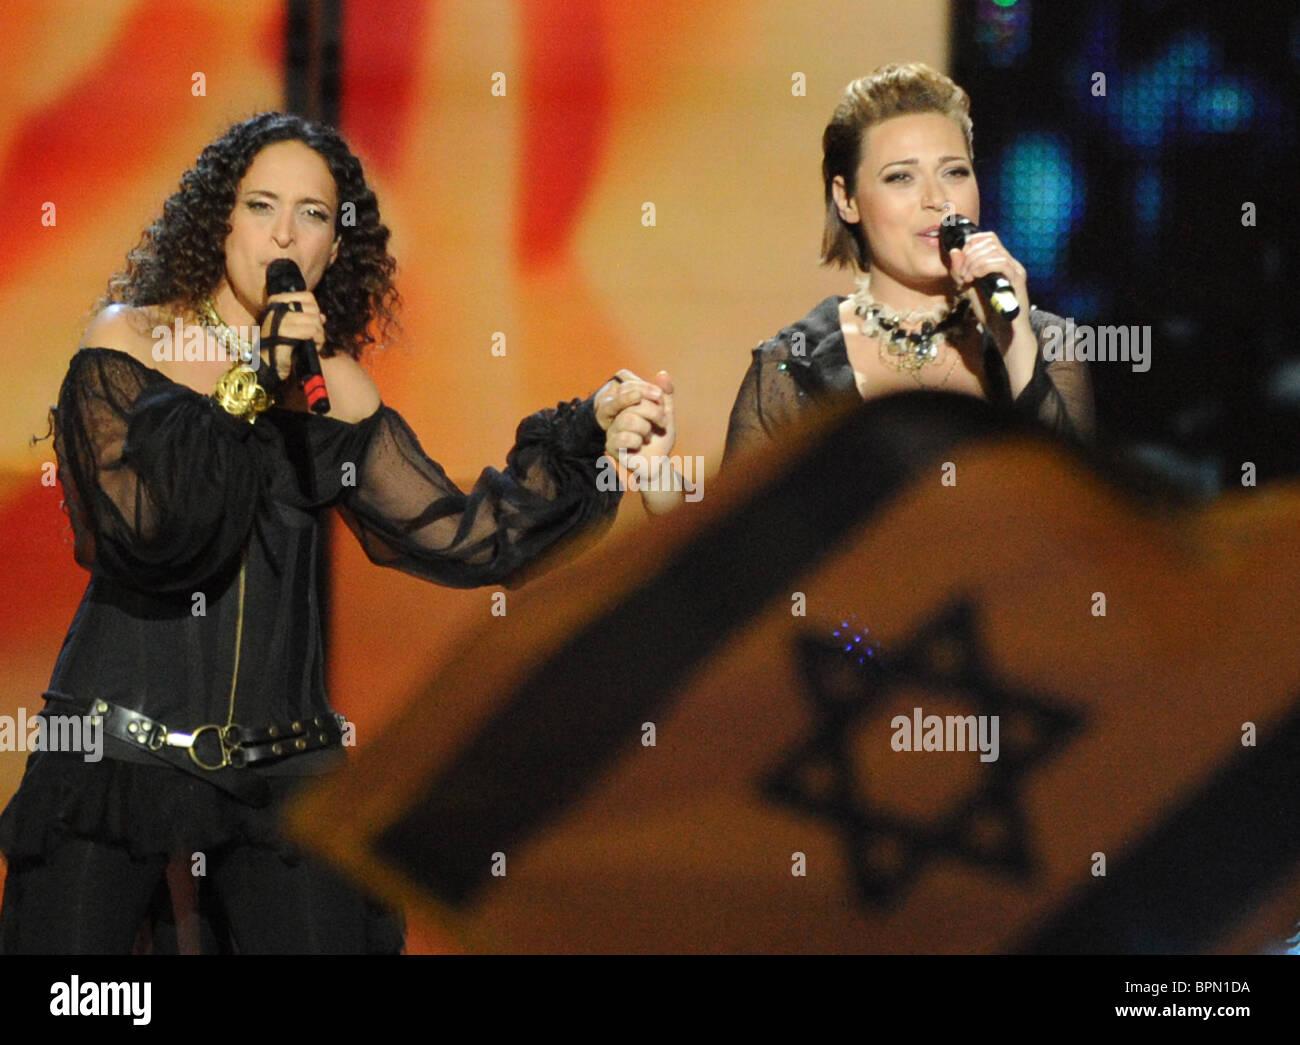 Eurovision Song Contest Flag Stock Photos & Eurovision Song